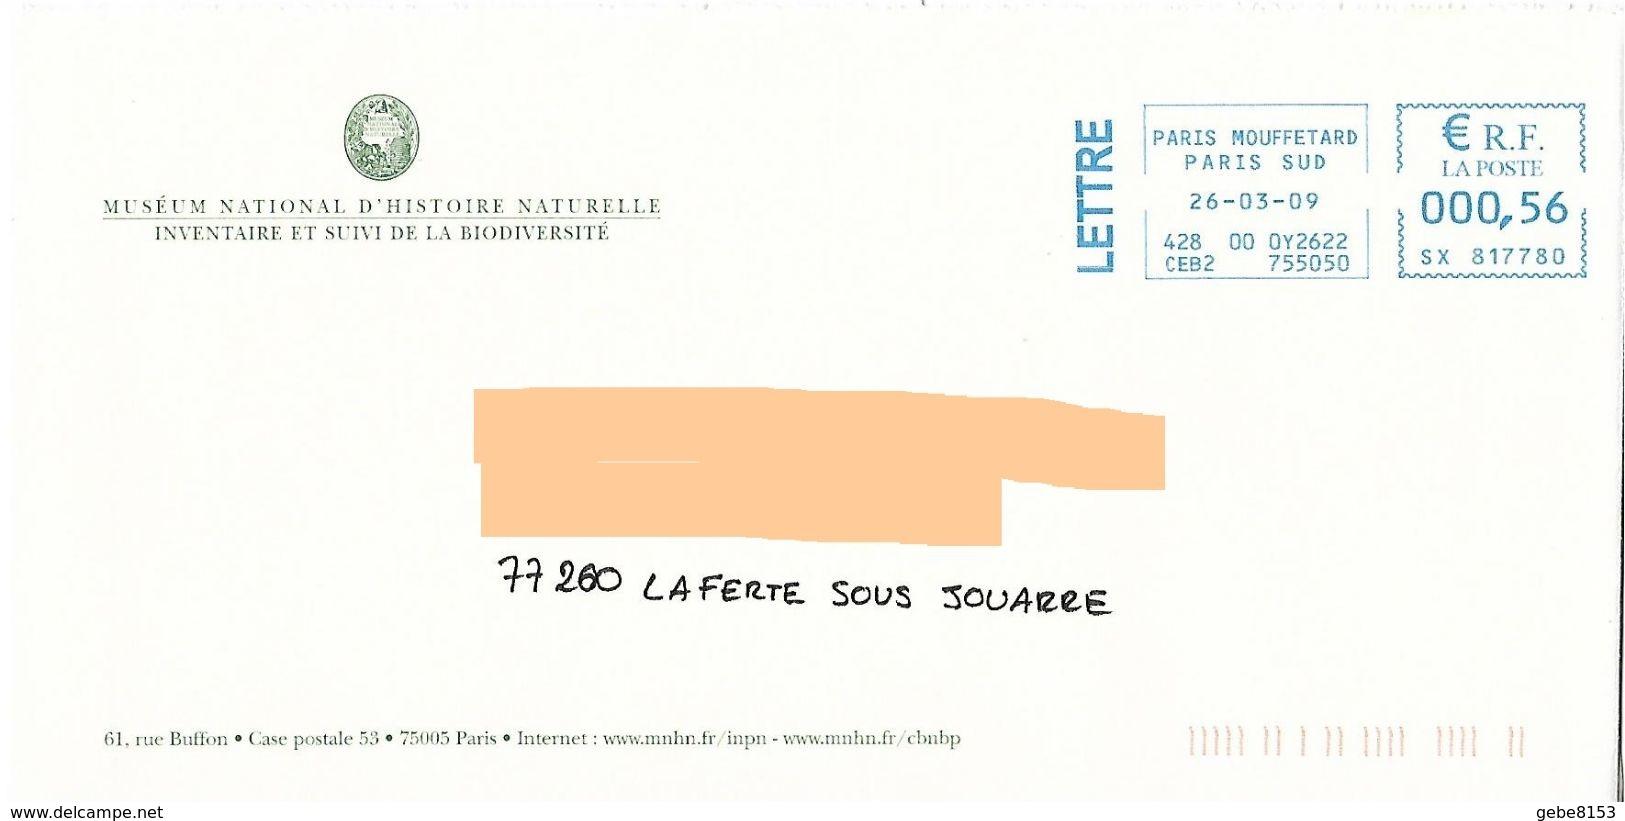 EMA SX 817780 Paris Sud Sur Enveloppe Illustrée Muséum Histoire Naturelle Biodiversité Rue Buffon - Natuur